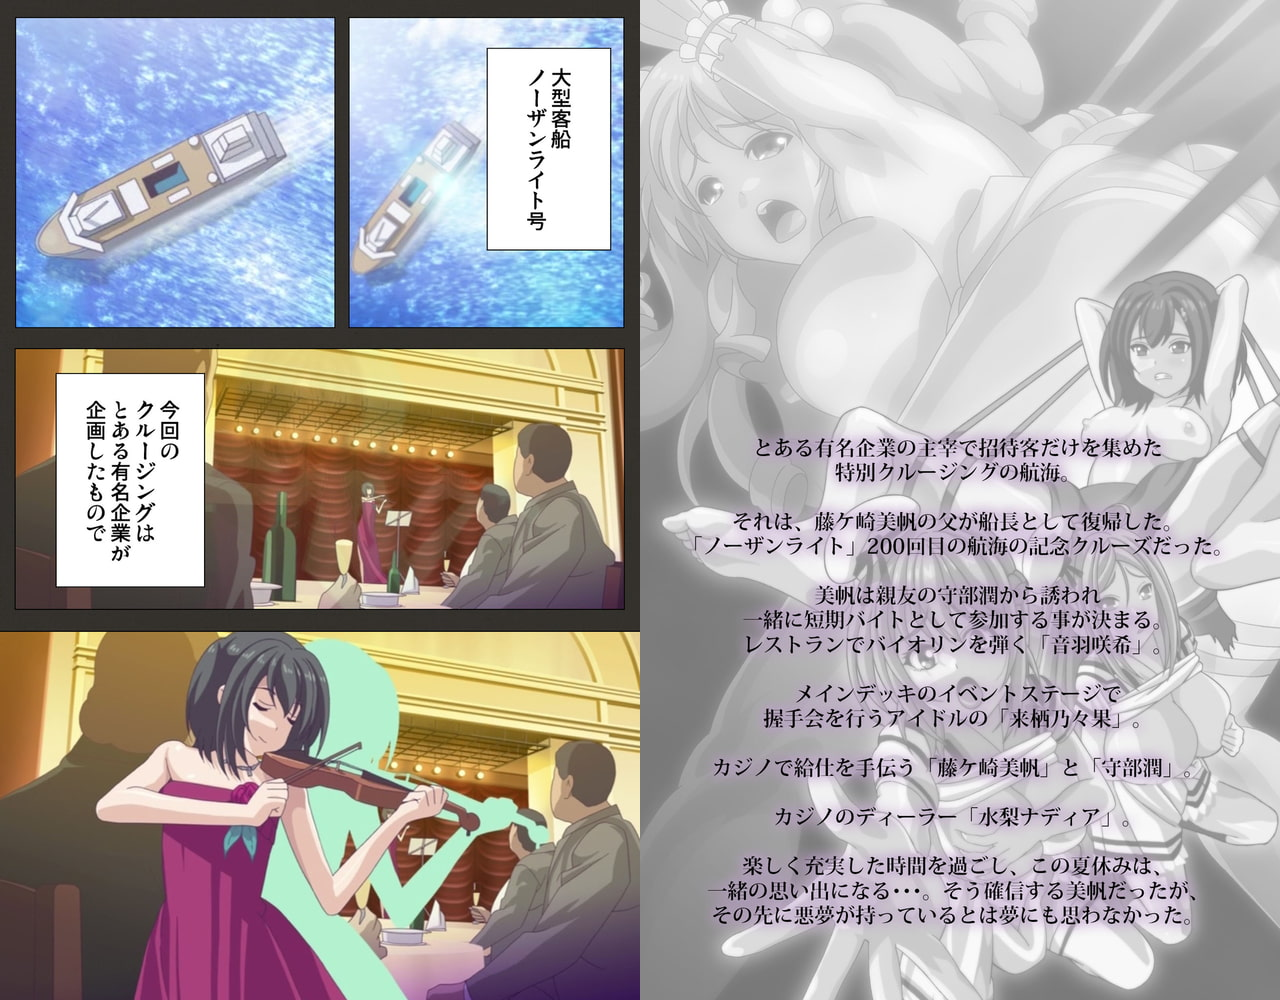 虜ノ雫 夏の豪華客船で穢される処女たち 前編 Complete版【フルカラー成人版】